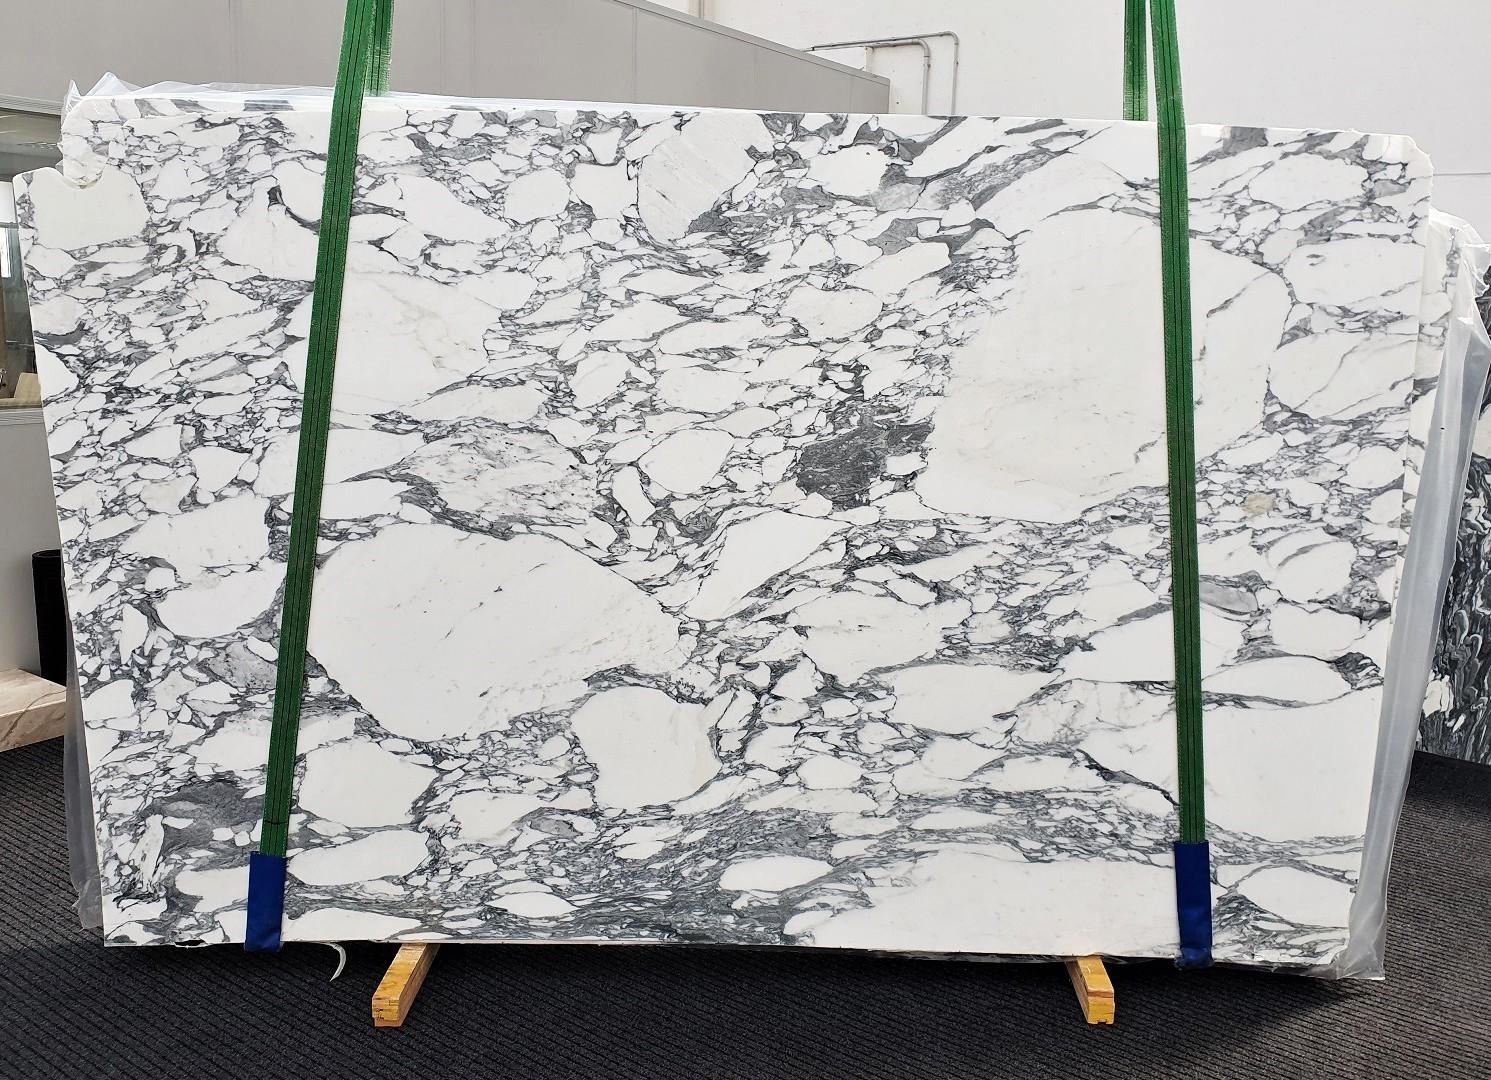 ARABESCATO CORCHIA Suministro Veneto (Italia) de planchas pulidas en mármol natural 1433 , Slab #55